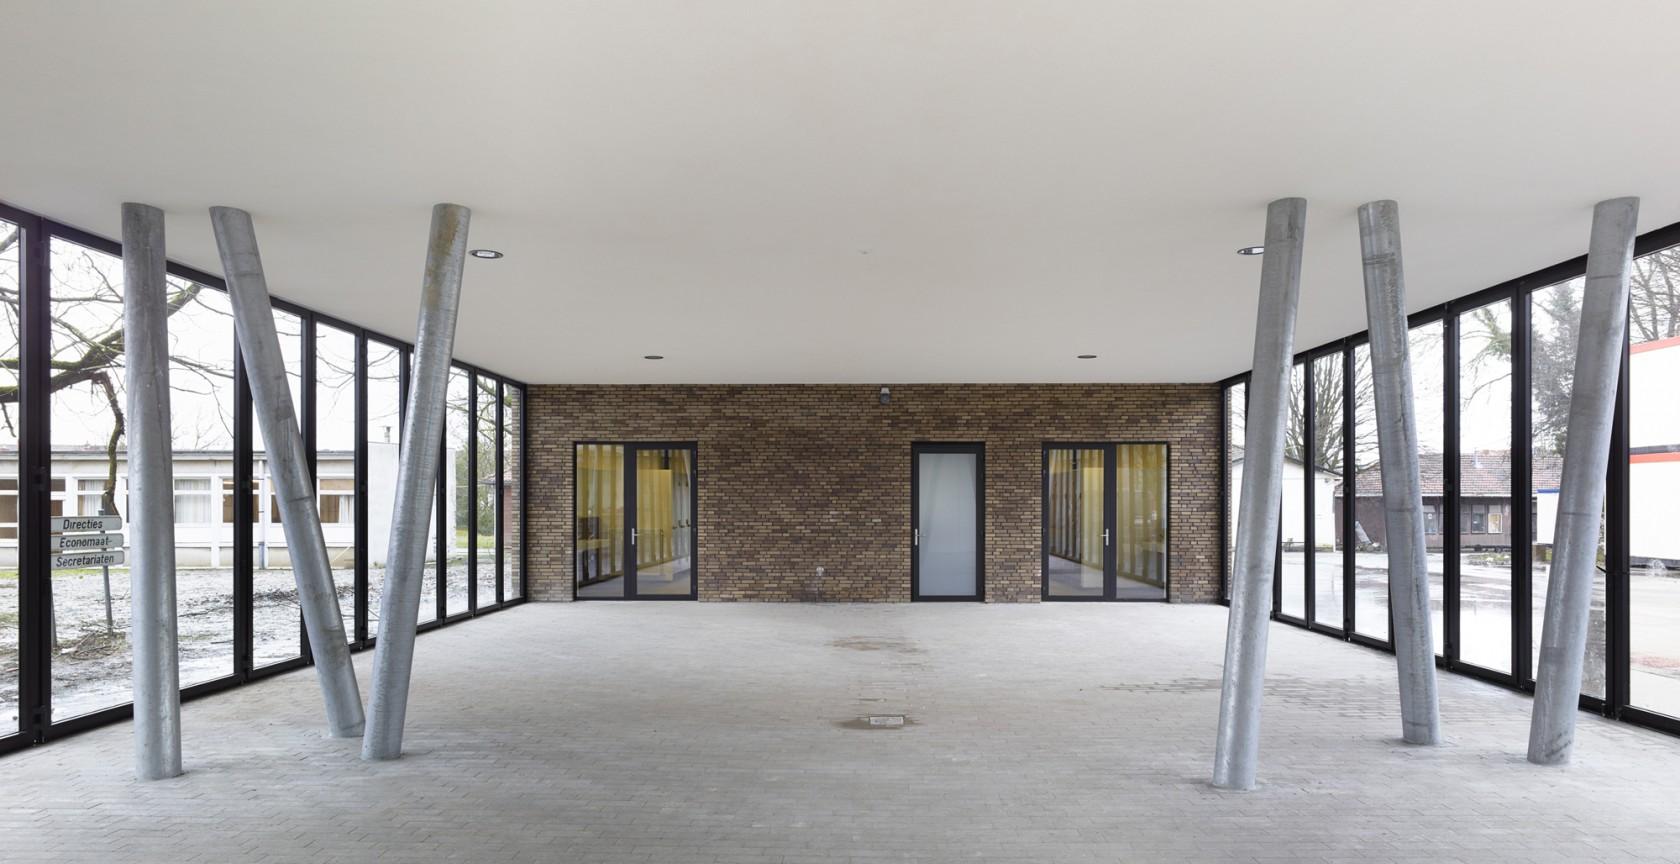 Abscis Architecten - overdekte onderdoorgang als polyvalente ruimte onder het labogebouw – fotografie Toon Grobet